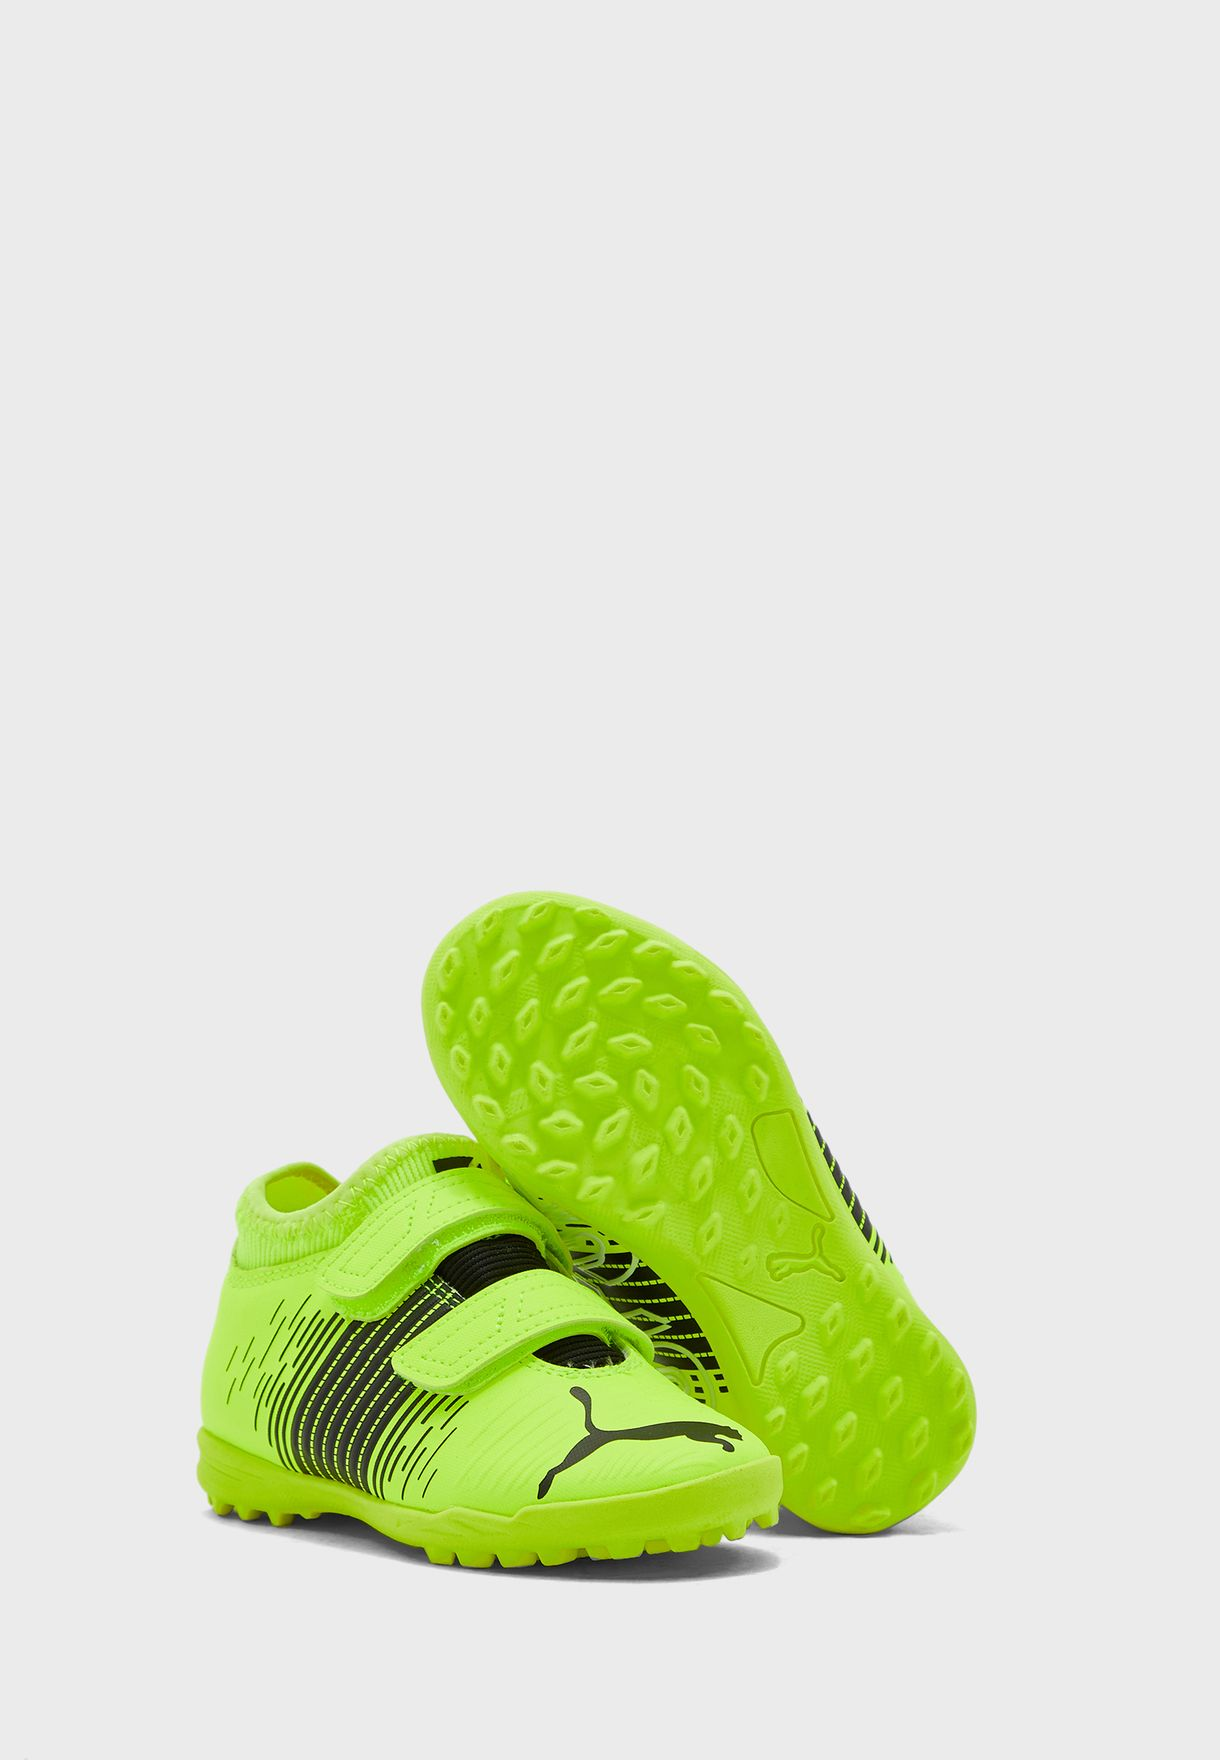 حذاء فيوتشر Z 4.1 TT V